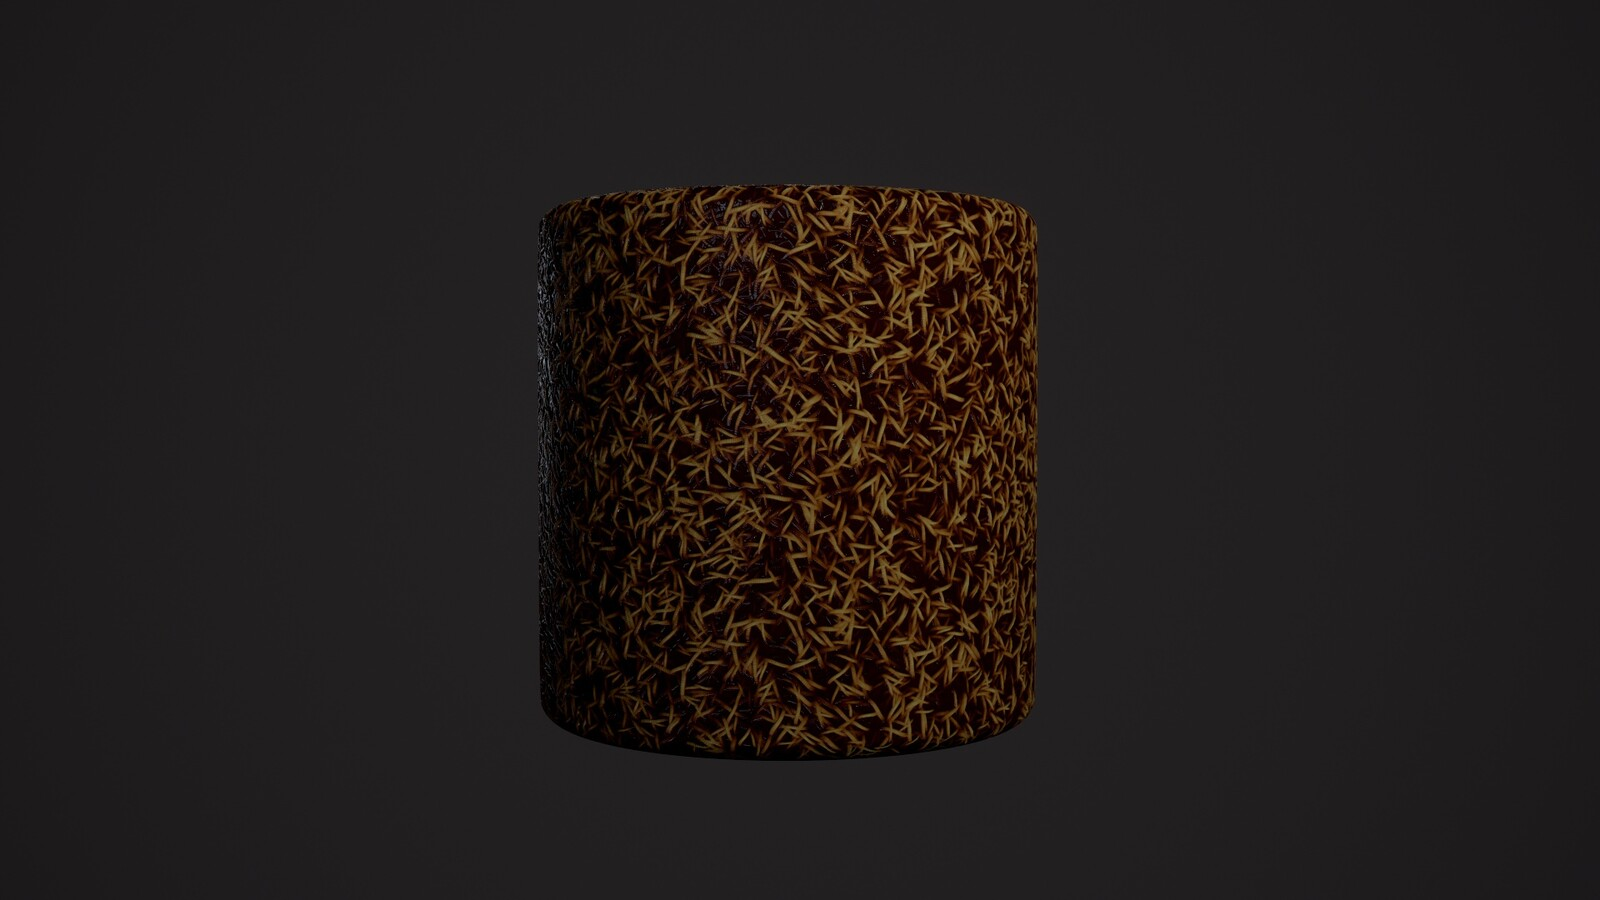 Bloody maggot material